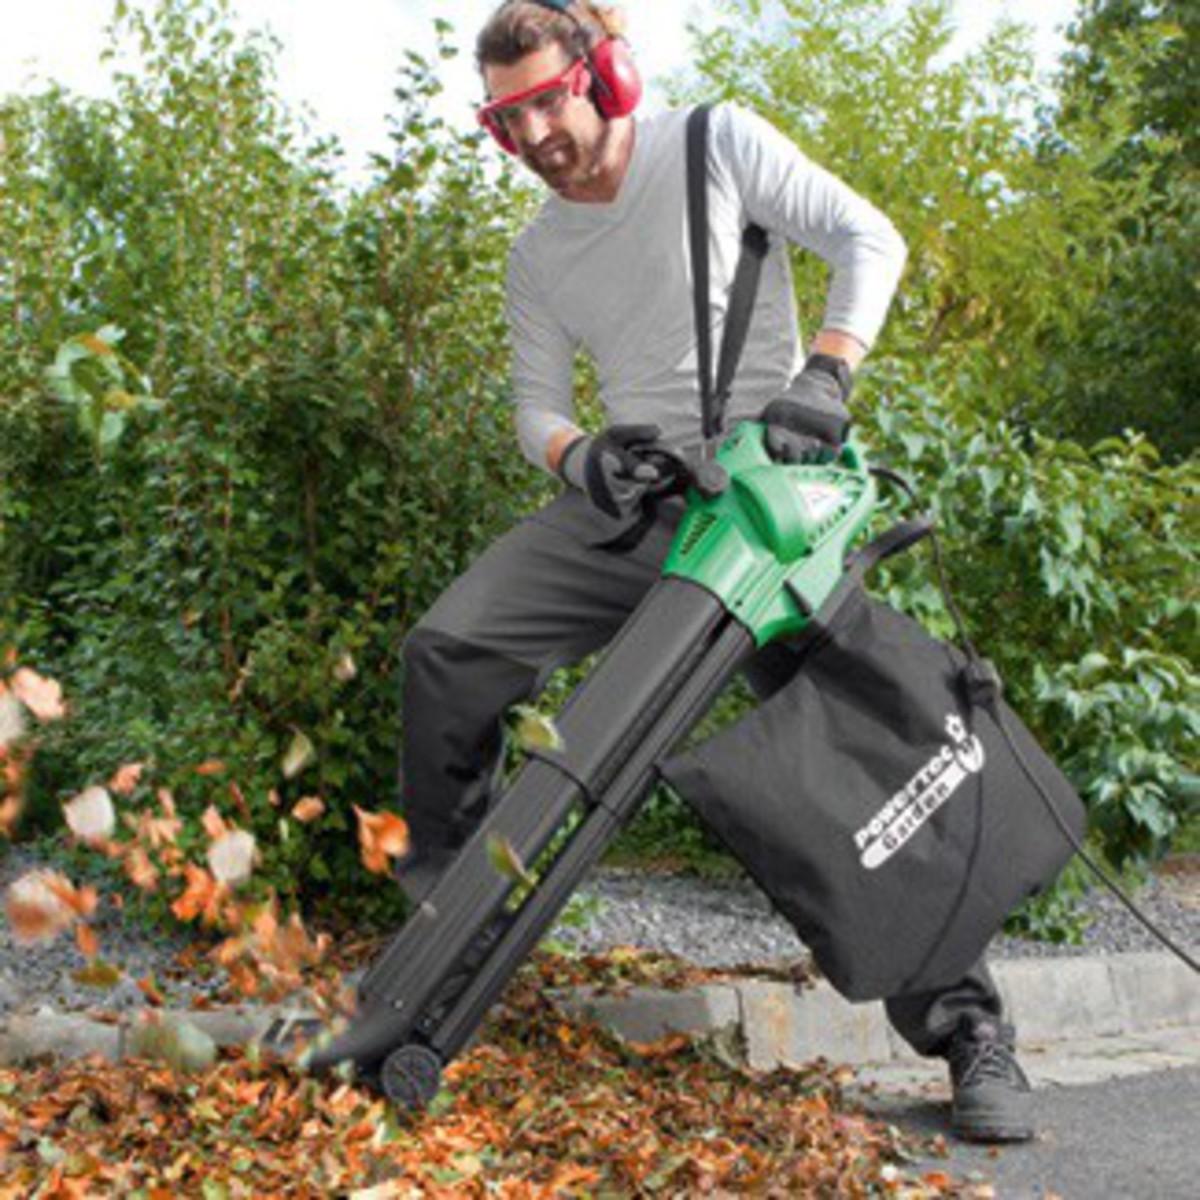 Bild 1 von Powertec Garden Laubsauger, 3000 Watt